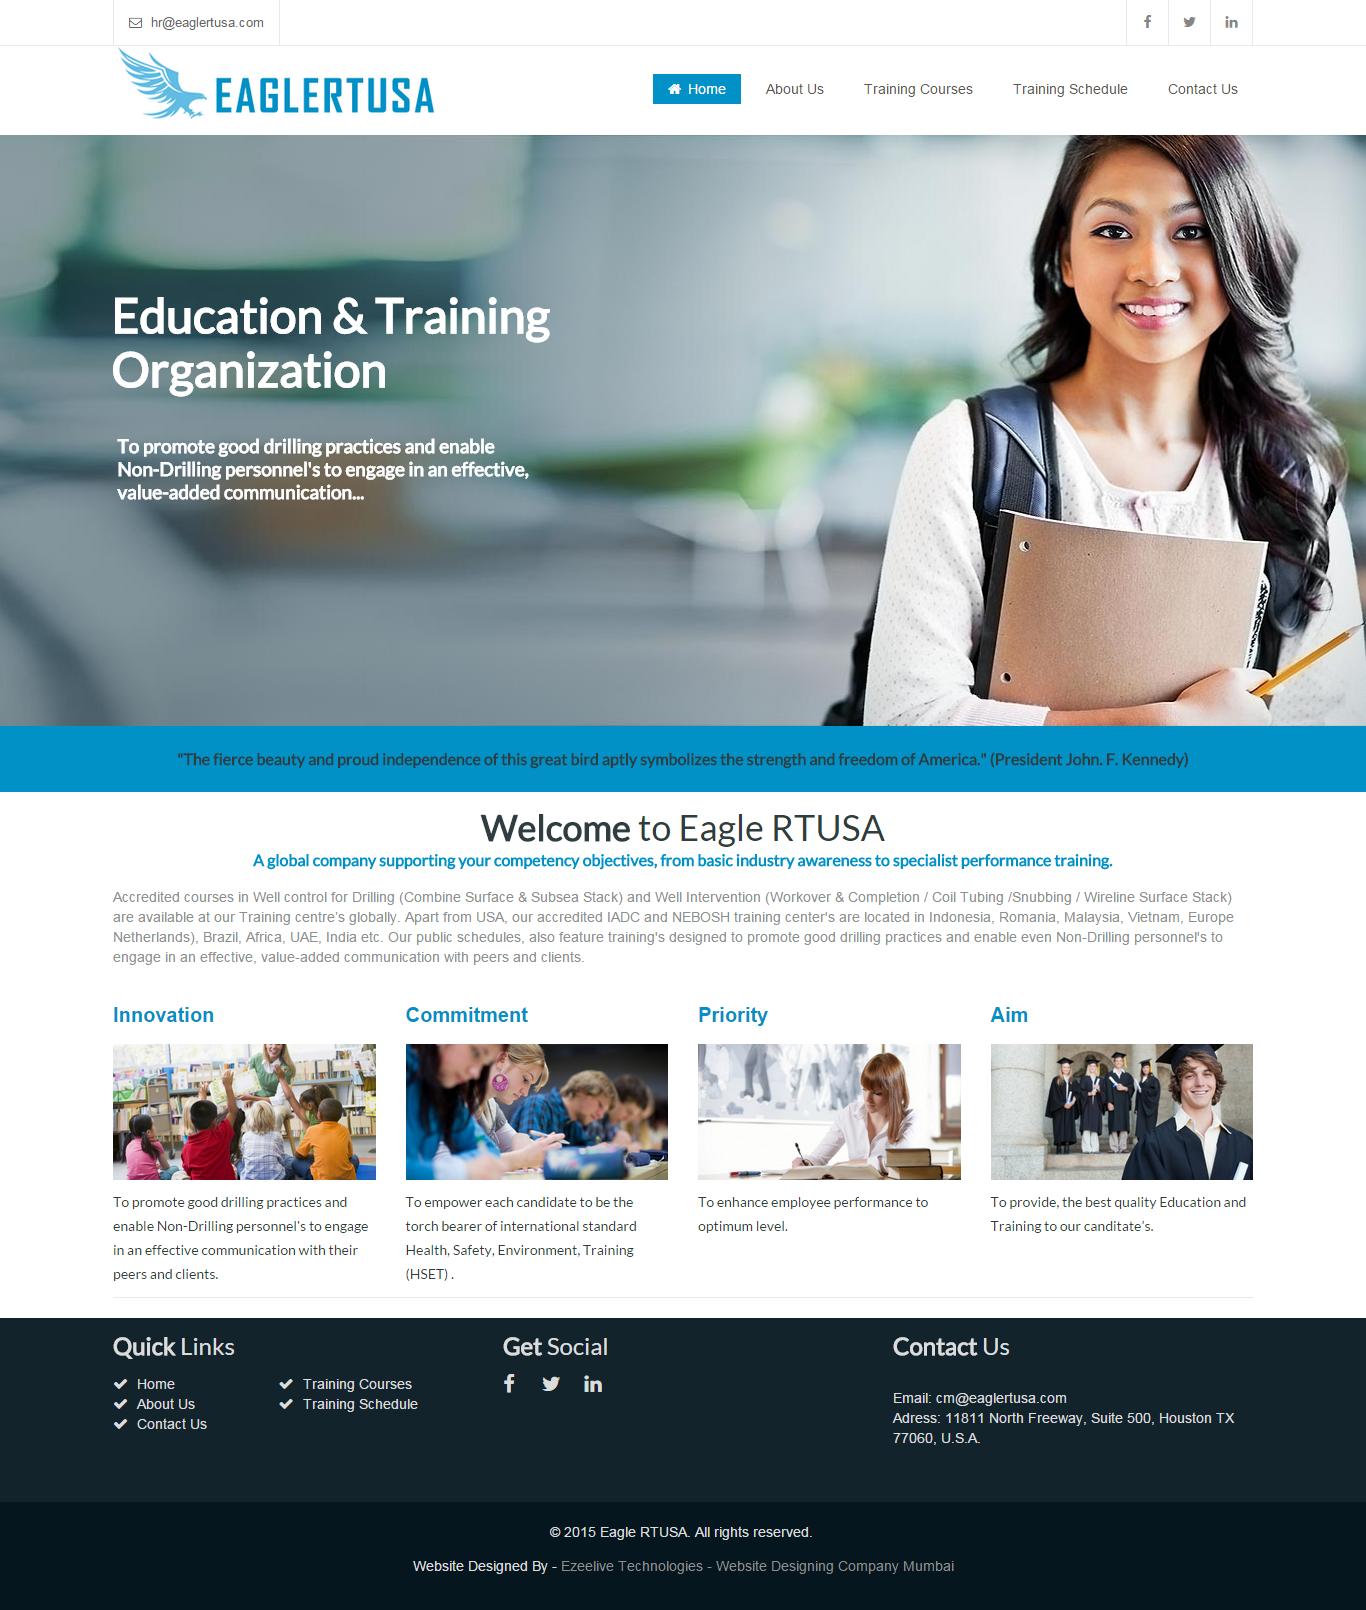 vasai website design company